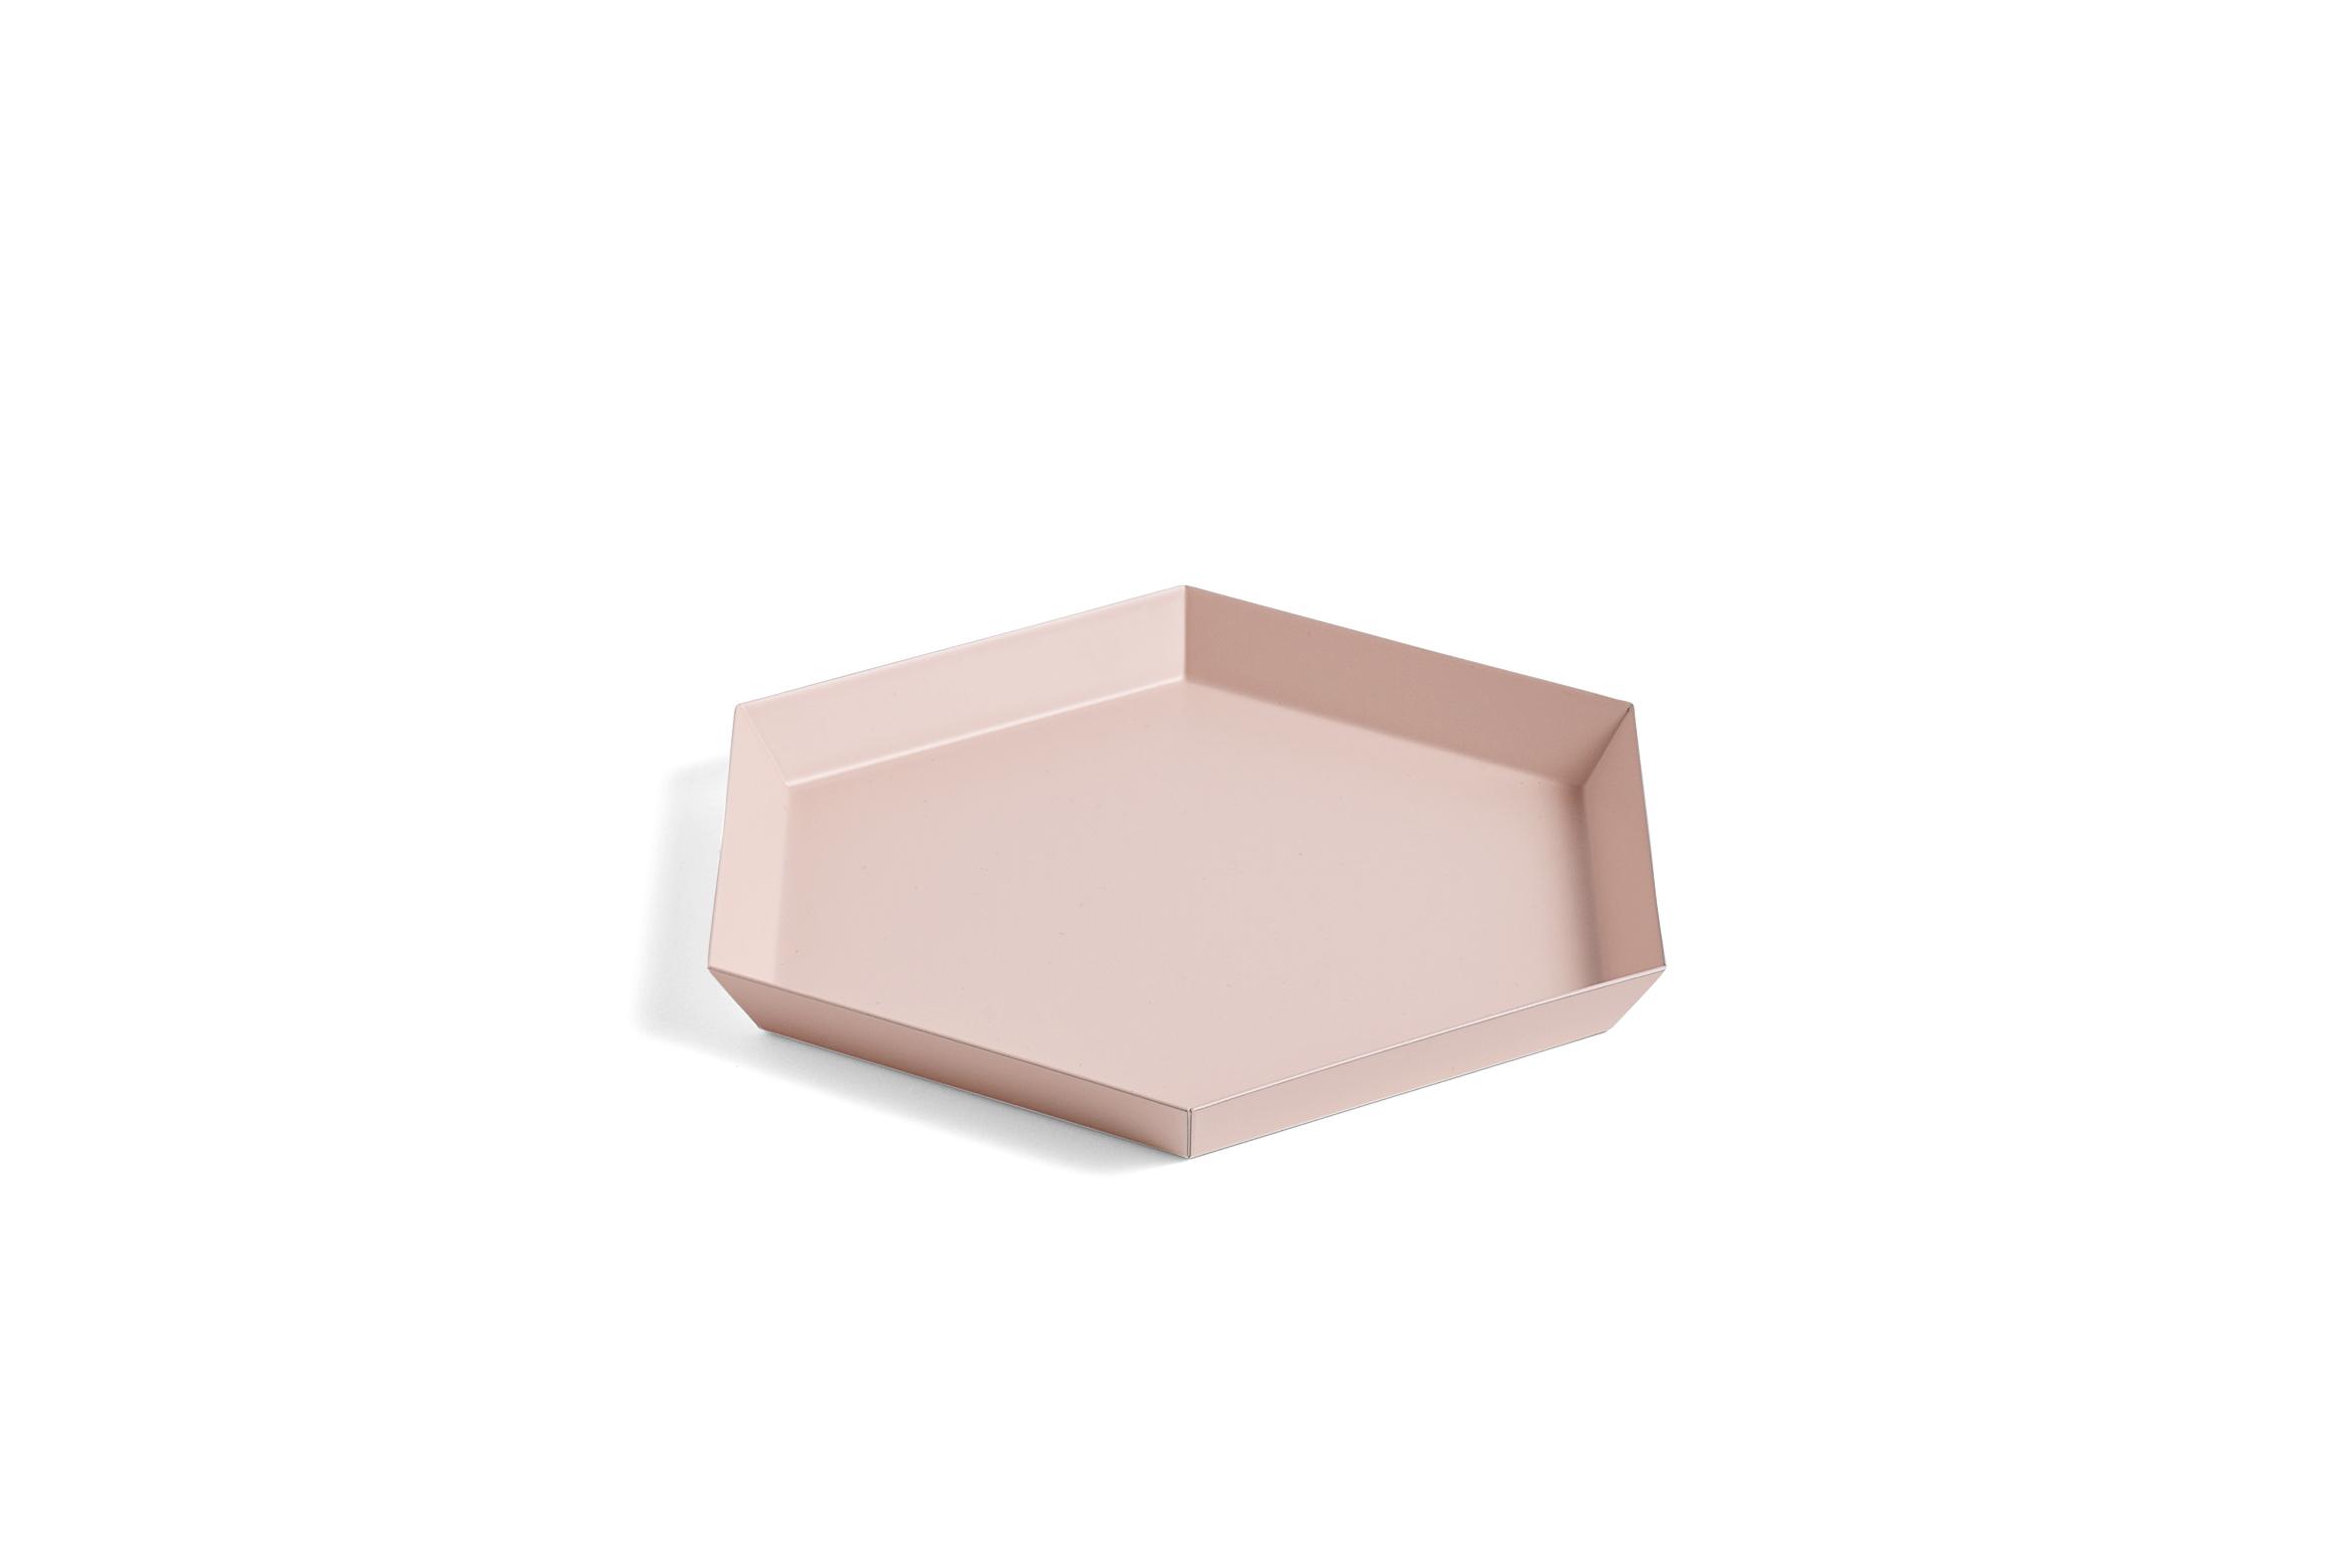 HAY - Kaleido Tray Small - Peach (503935)